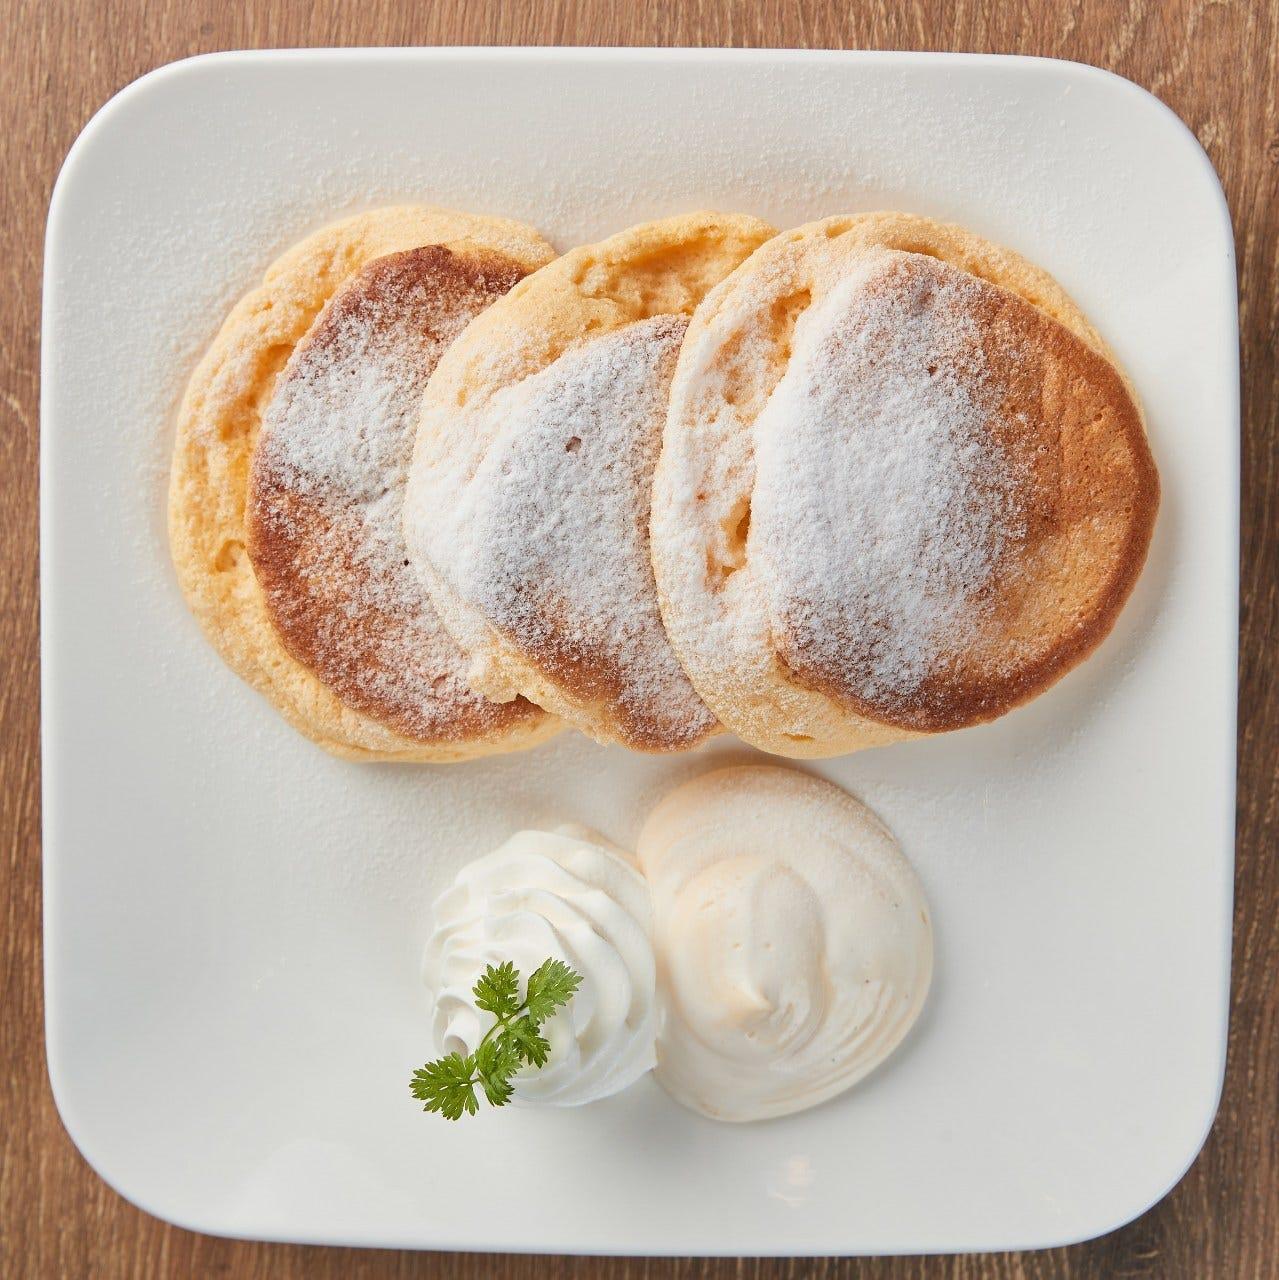 【パティシエ】が作る本格パンケーキ